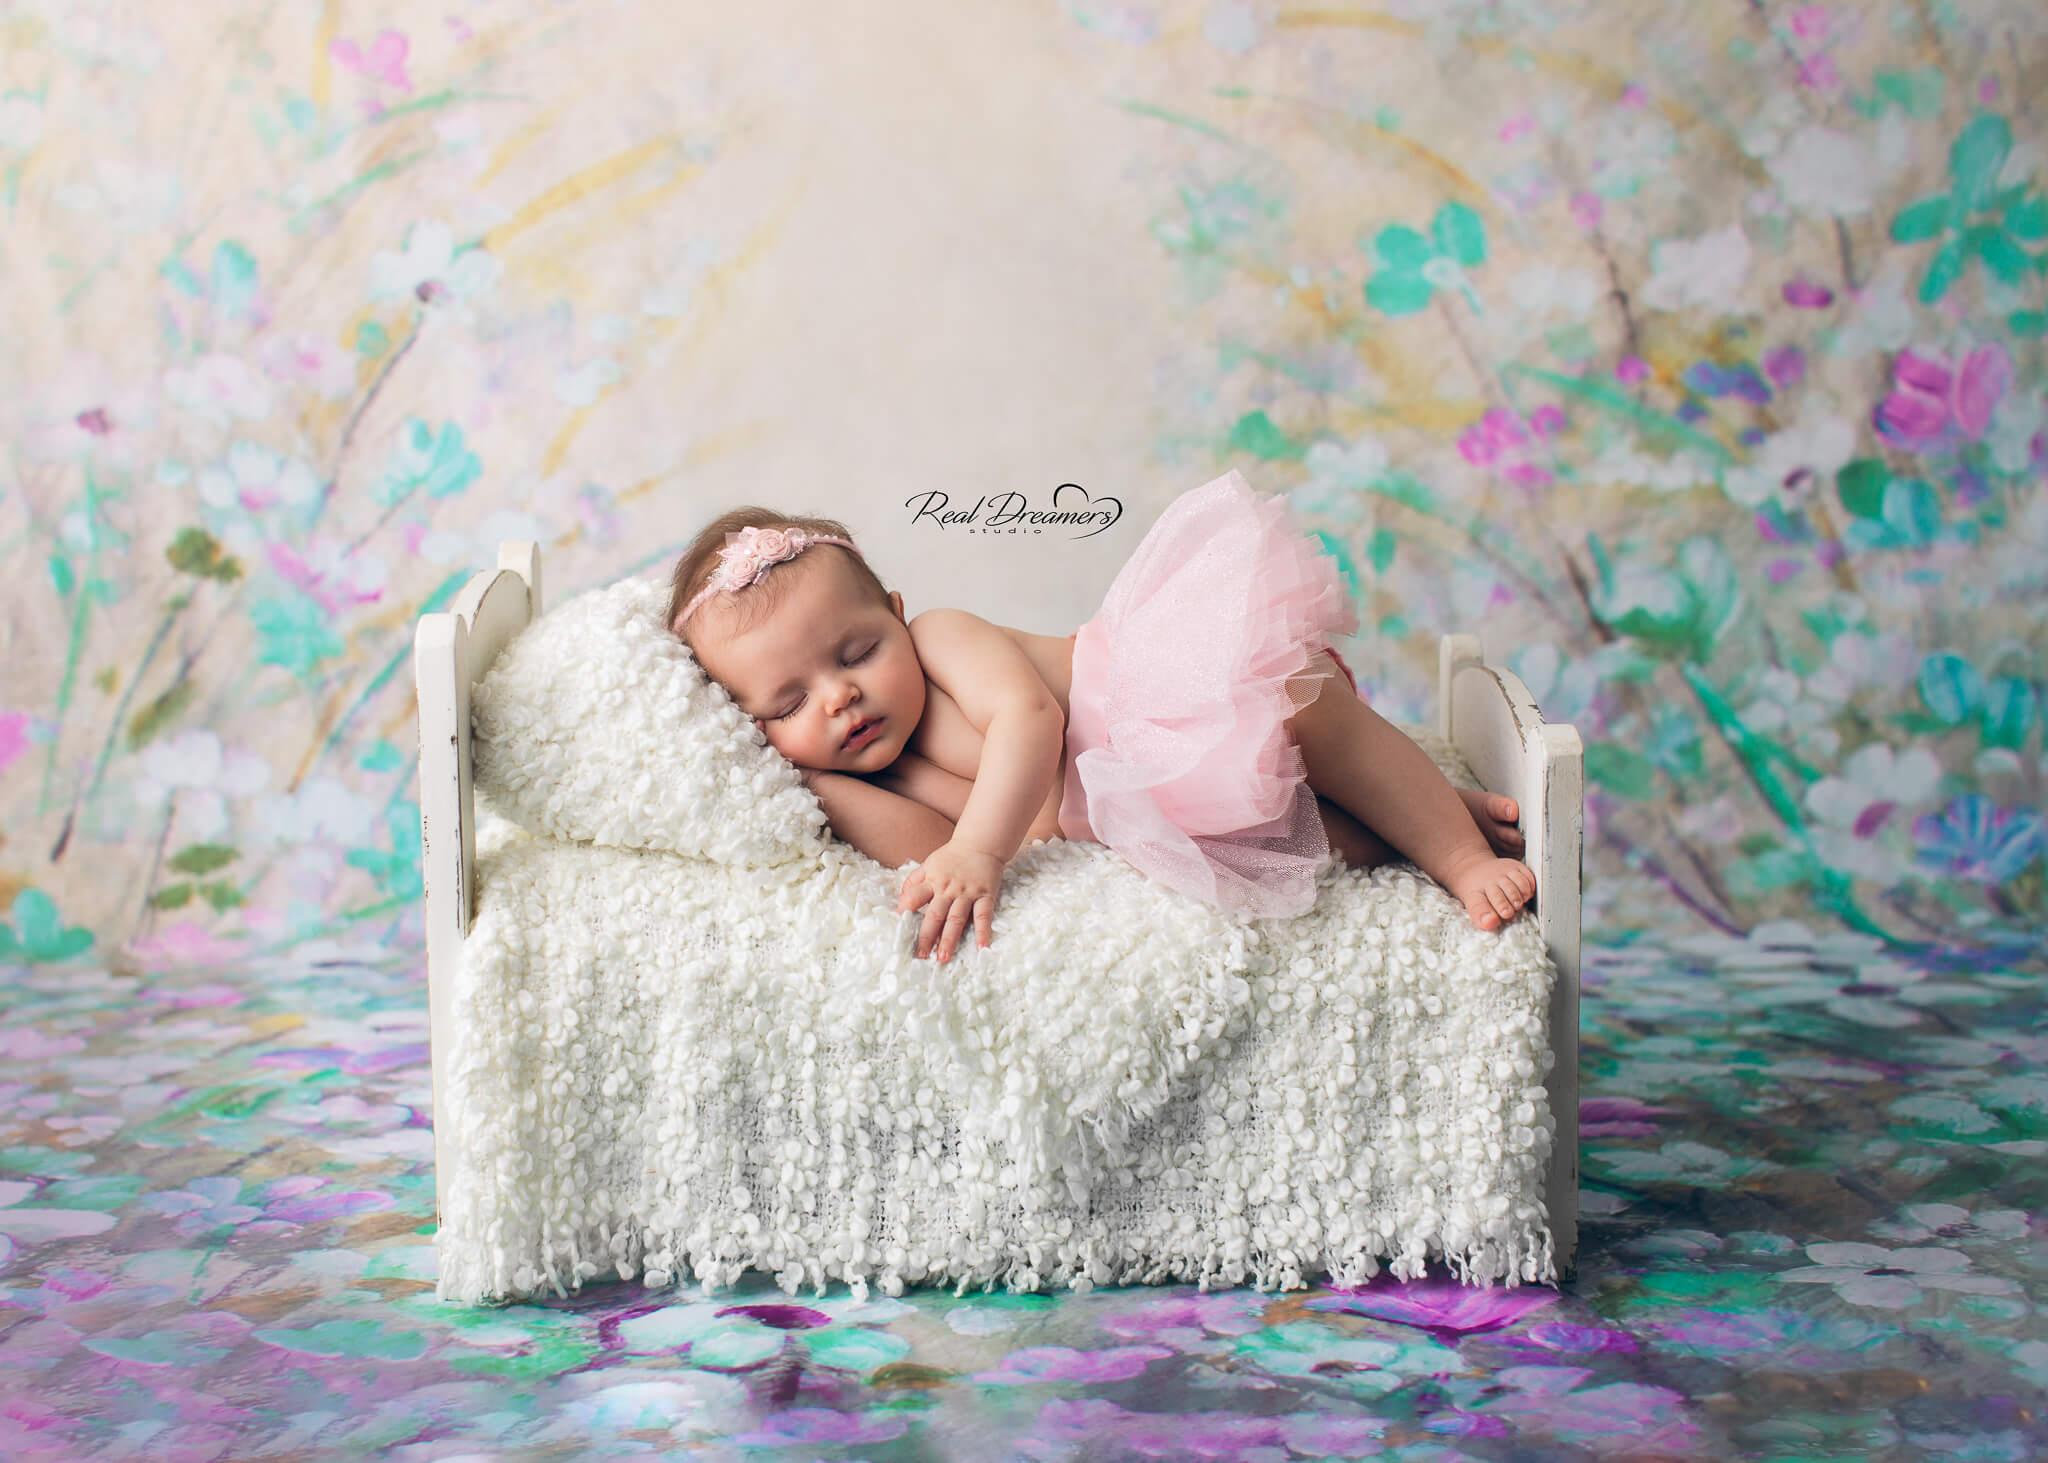 Real Dreamers Studio - servizio - fotografico - neonata - lettino